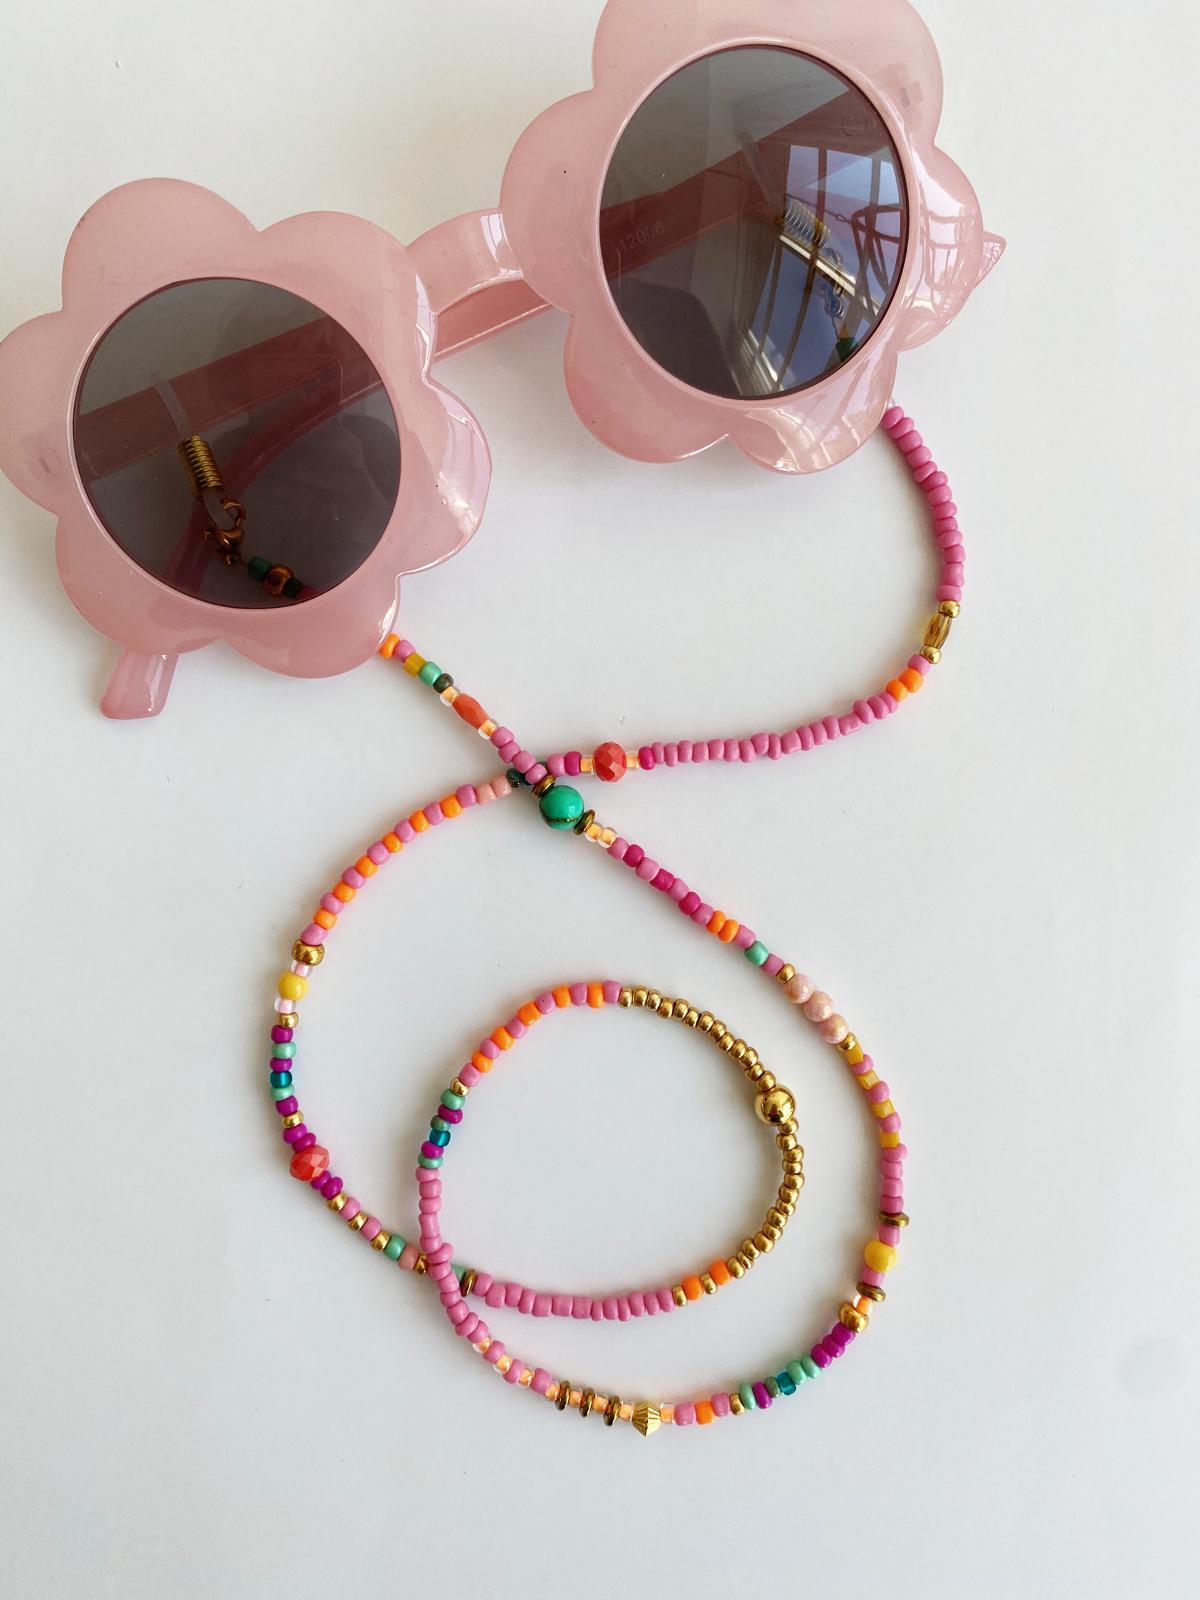 Kinder zonnebrillenkoord | Vrolijk koord voor de kinderzonnebril